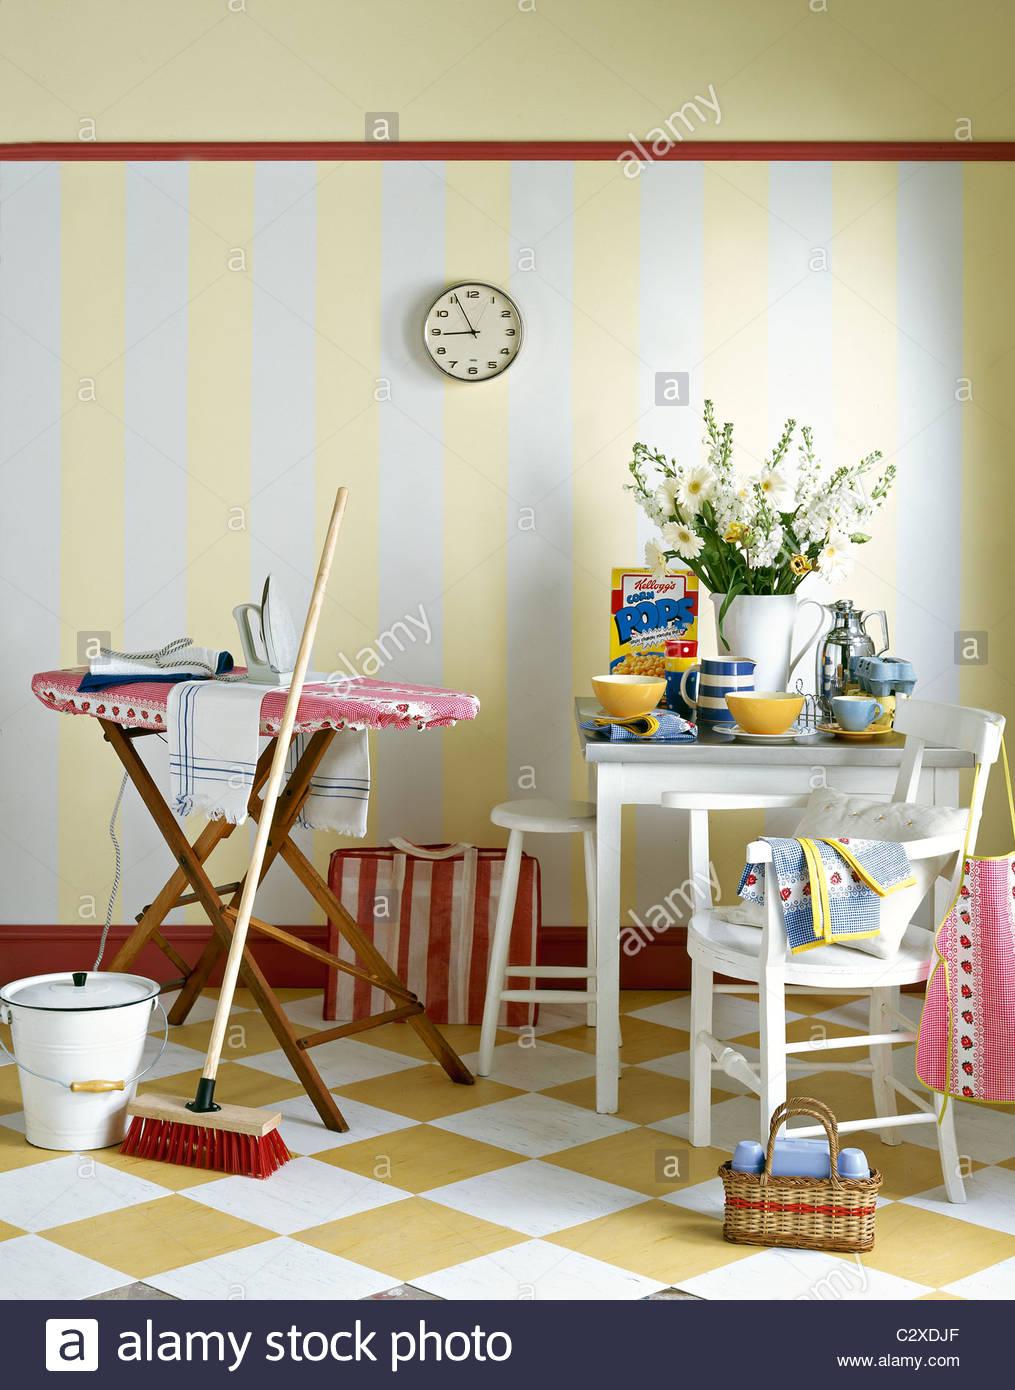 Retro domestic kitchen 40's 50's style - Stock Image